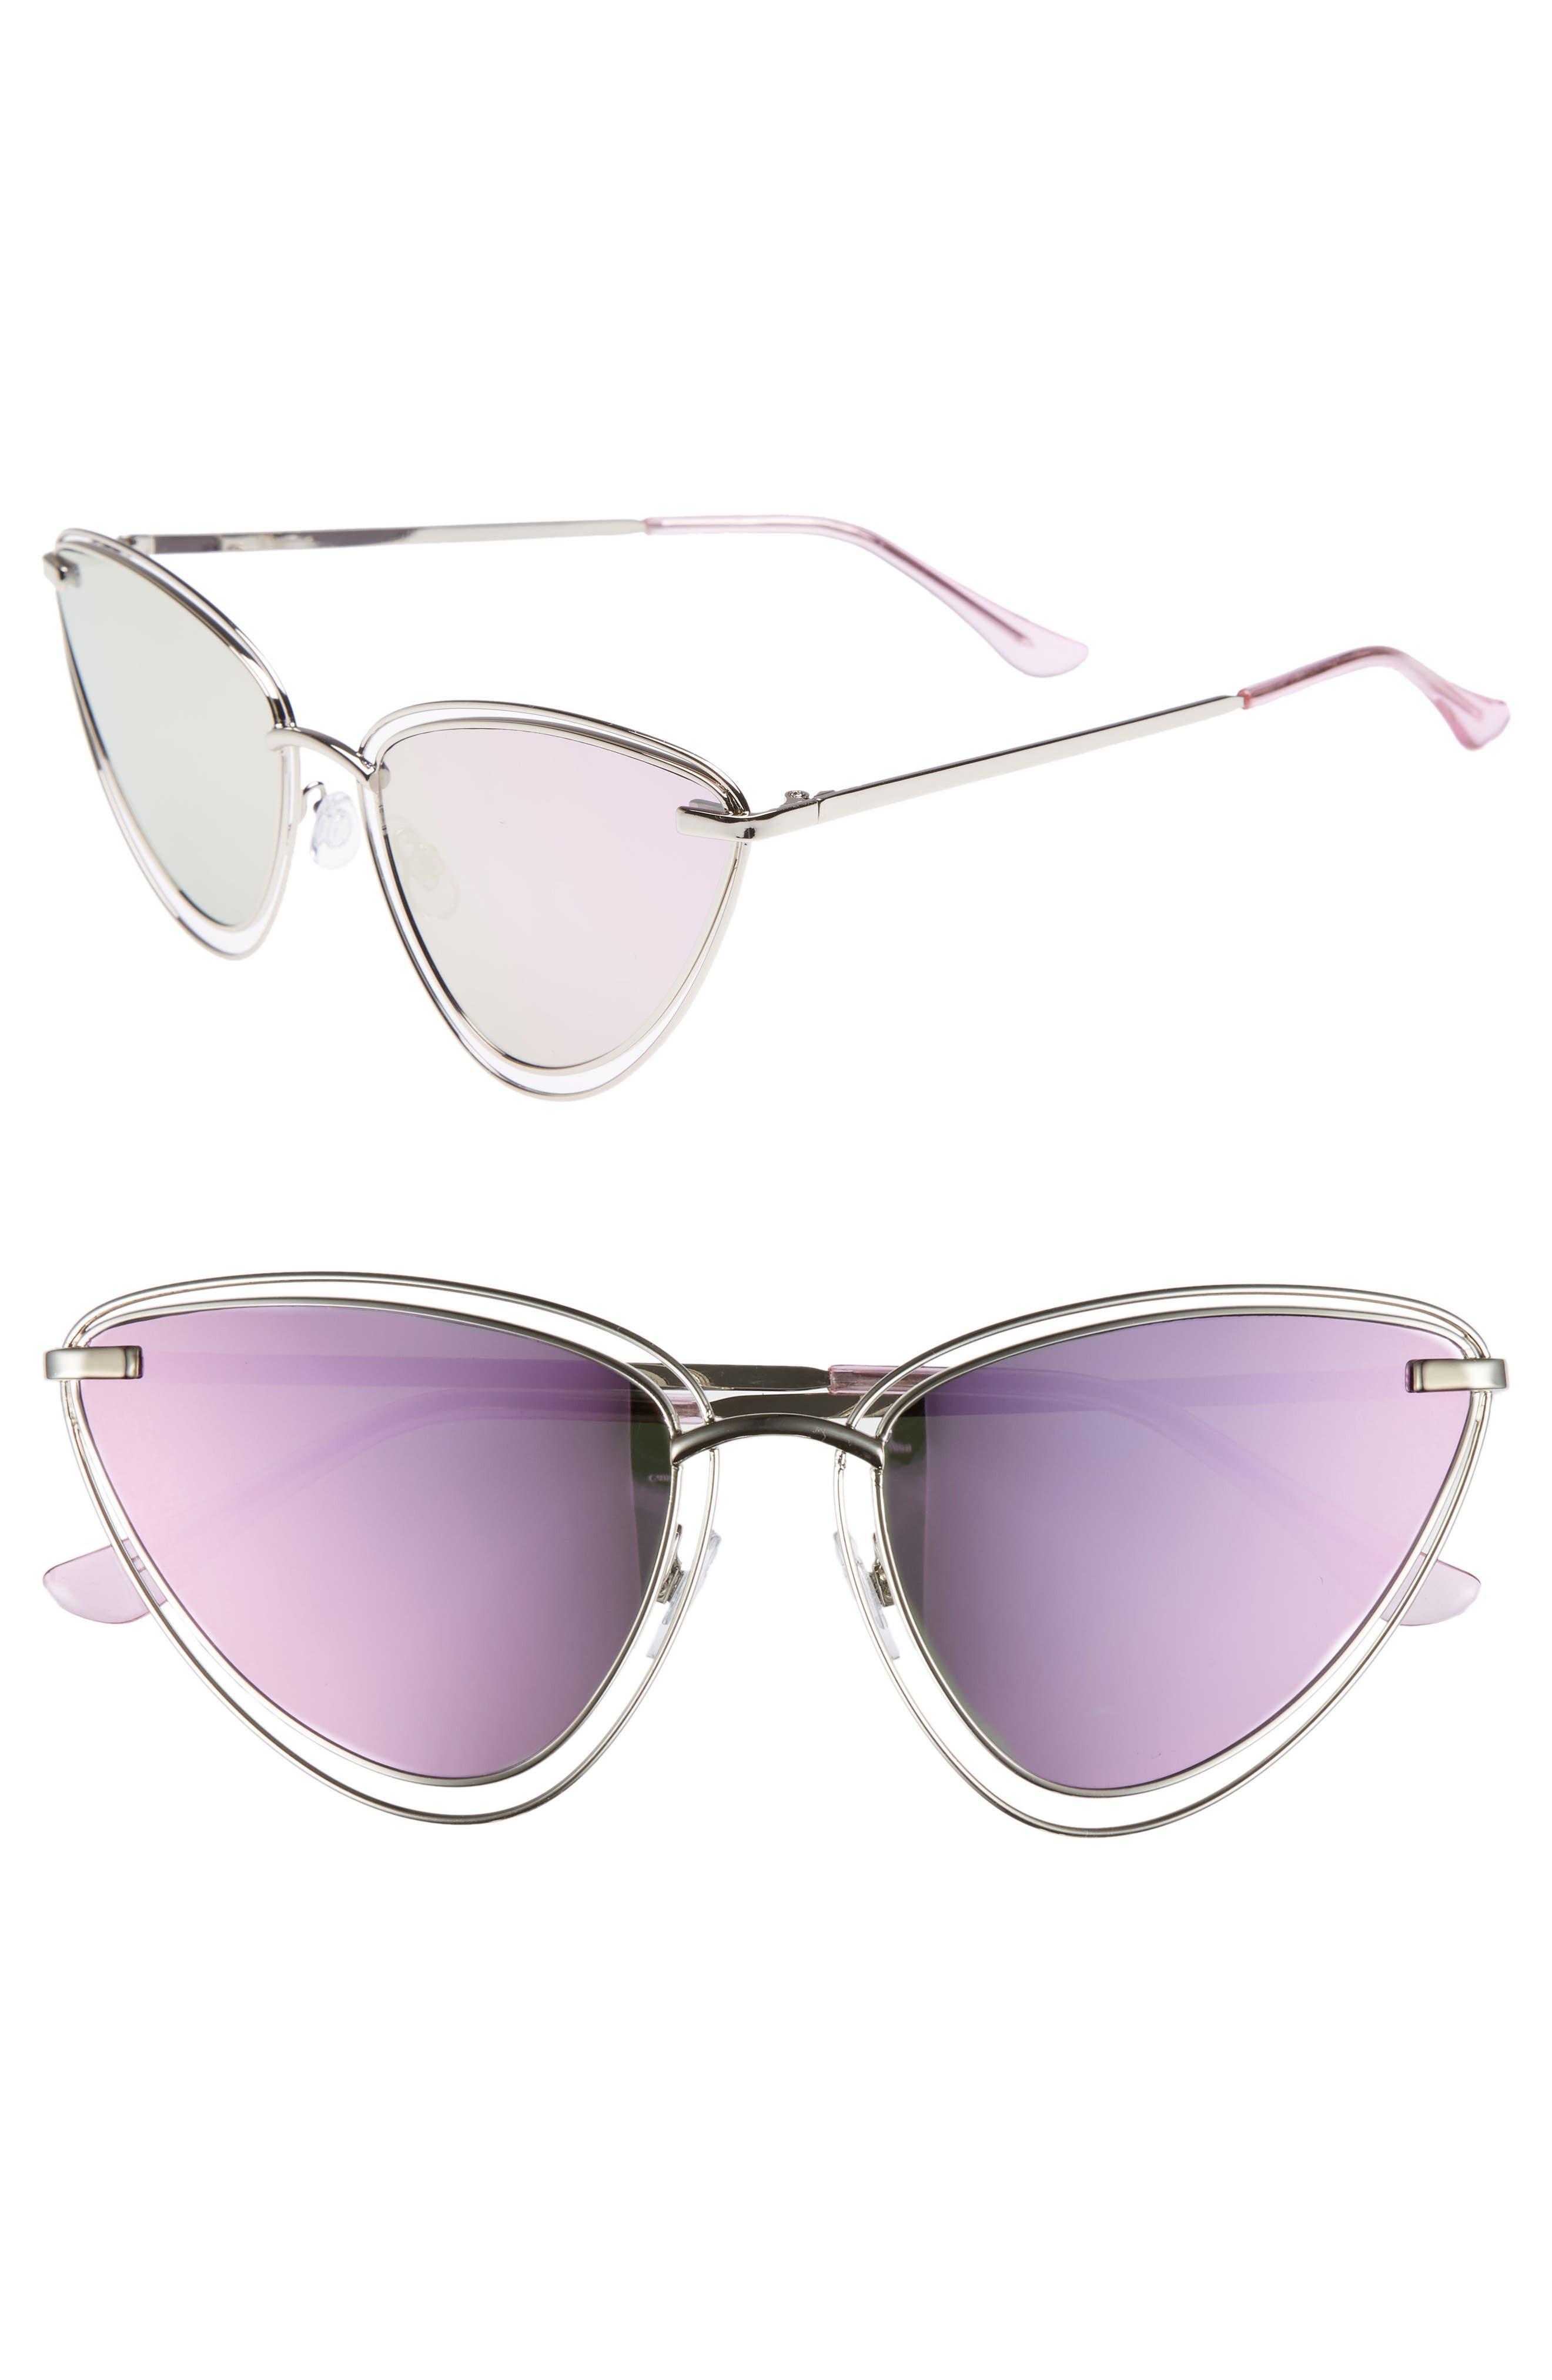 55mm Metal Cat Eye Sunglasses,                         Main,                         color, 040